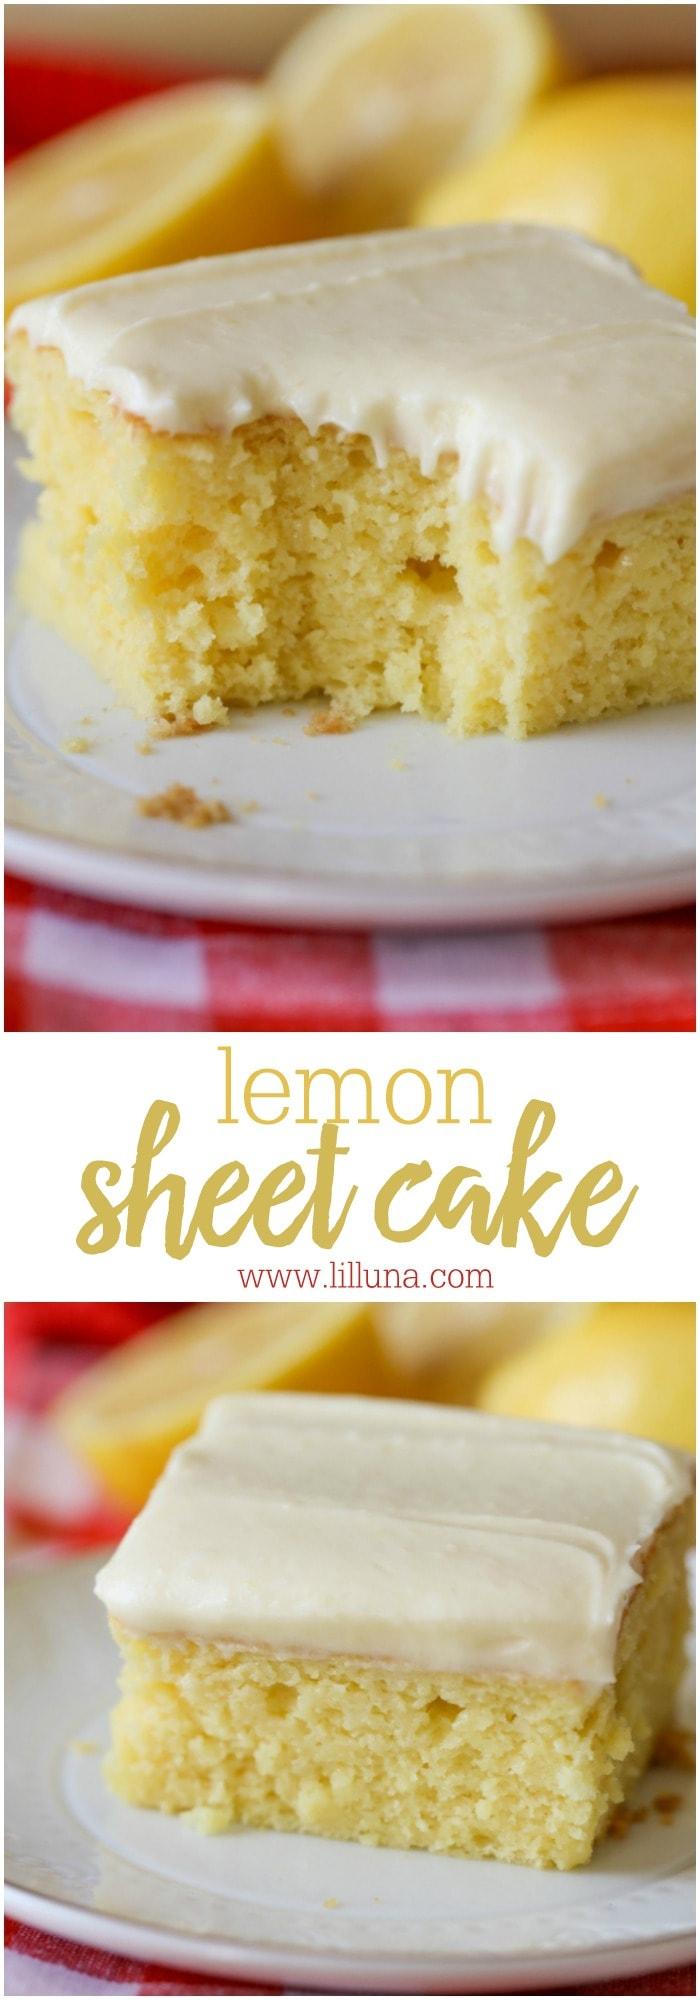 Easy Lemon Sheet Cake With Lemon Frosting Video Lil Luna Recipe In 2020 Lemon Cake Easy Easy Lemon Cake Recipe Lemon Cake Recipe